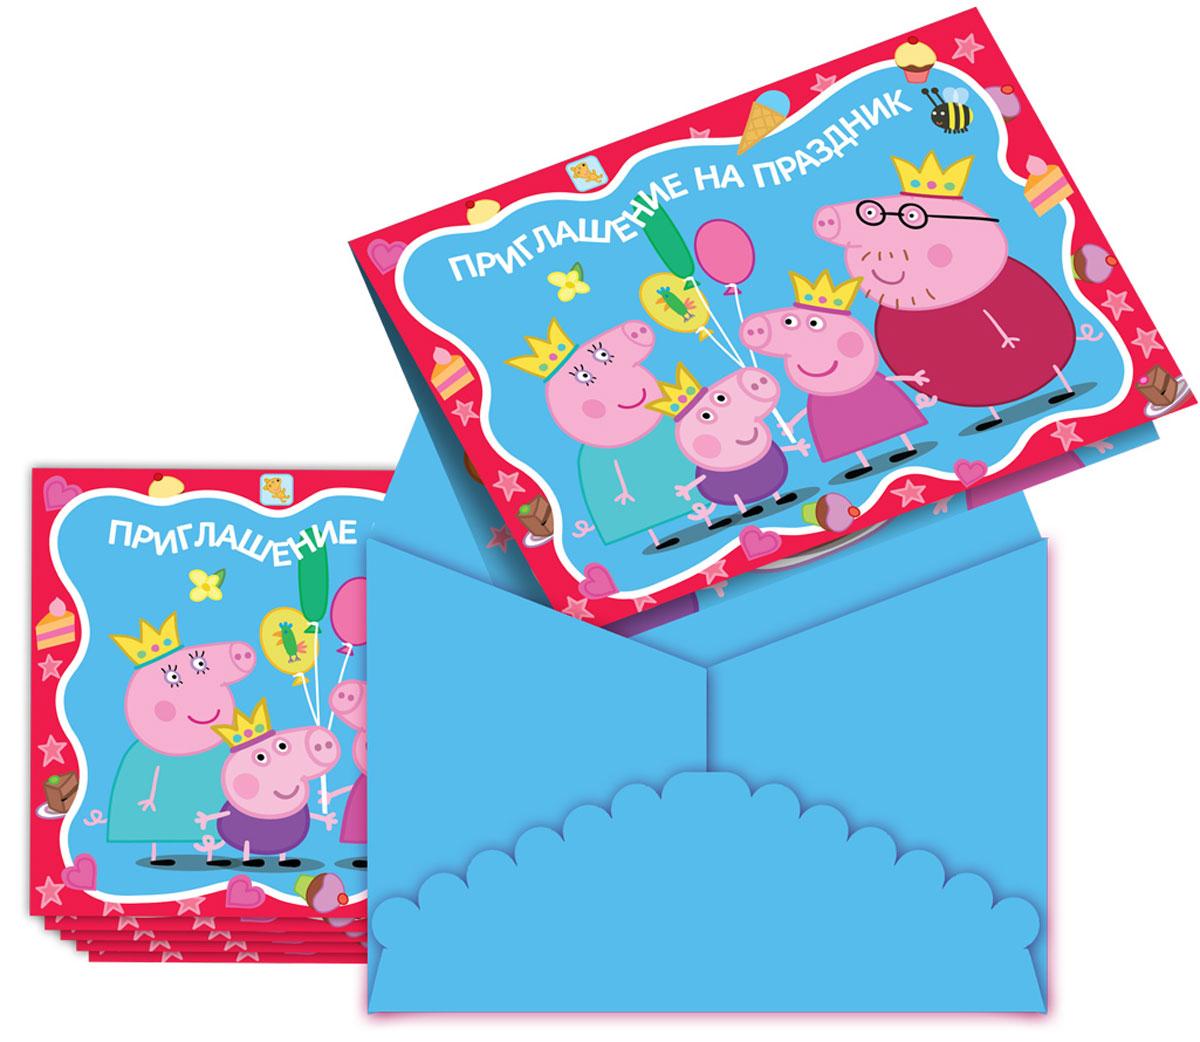 Peppa Pig Приглашение в конверте Пеппа-принцесса 6 шт